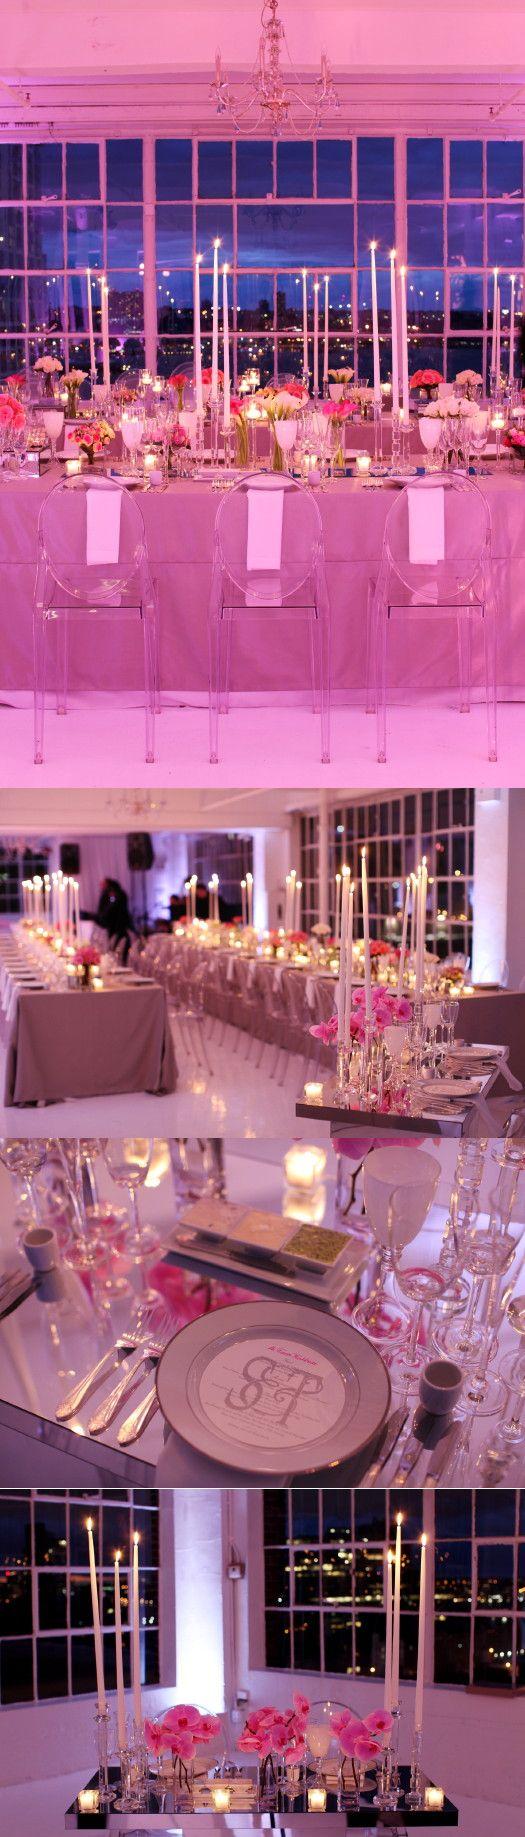 Modern loft wedding set in shades of pink! Photo by Karen Wise.